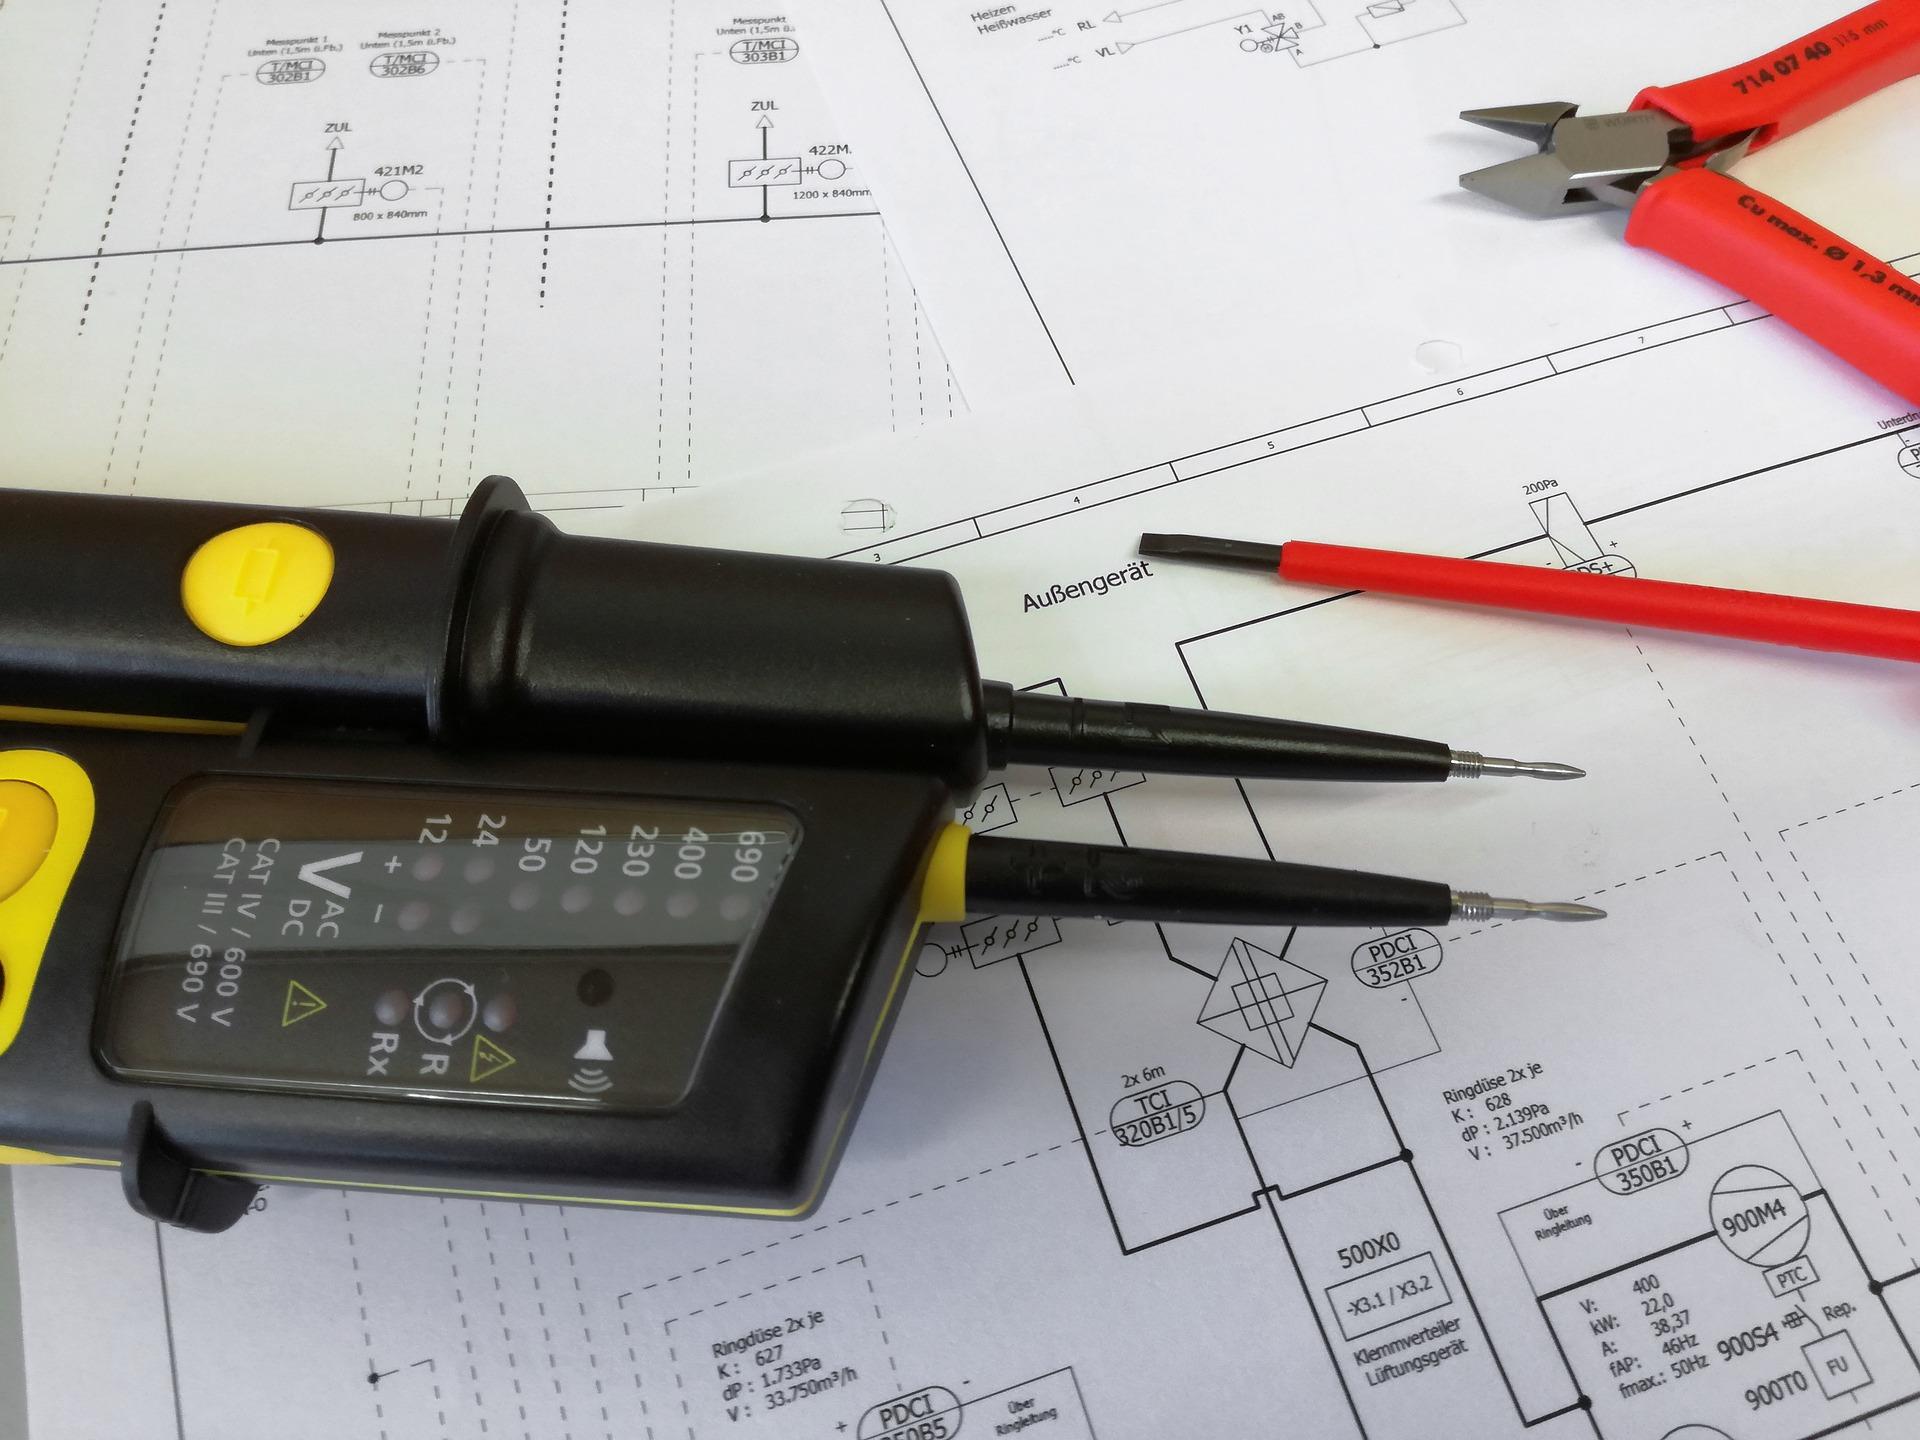 Aktualizačná odborná prísprava elektrotechnikov §21, §22, §23, §24